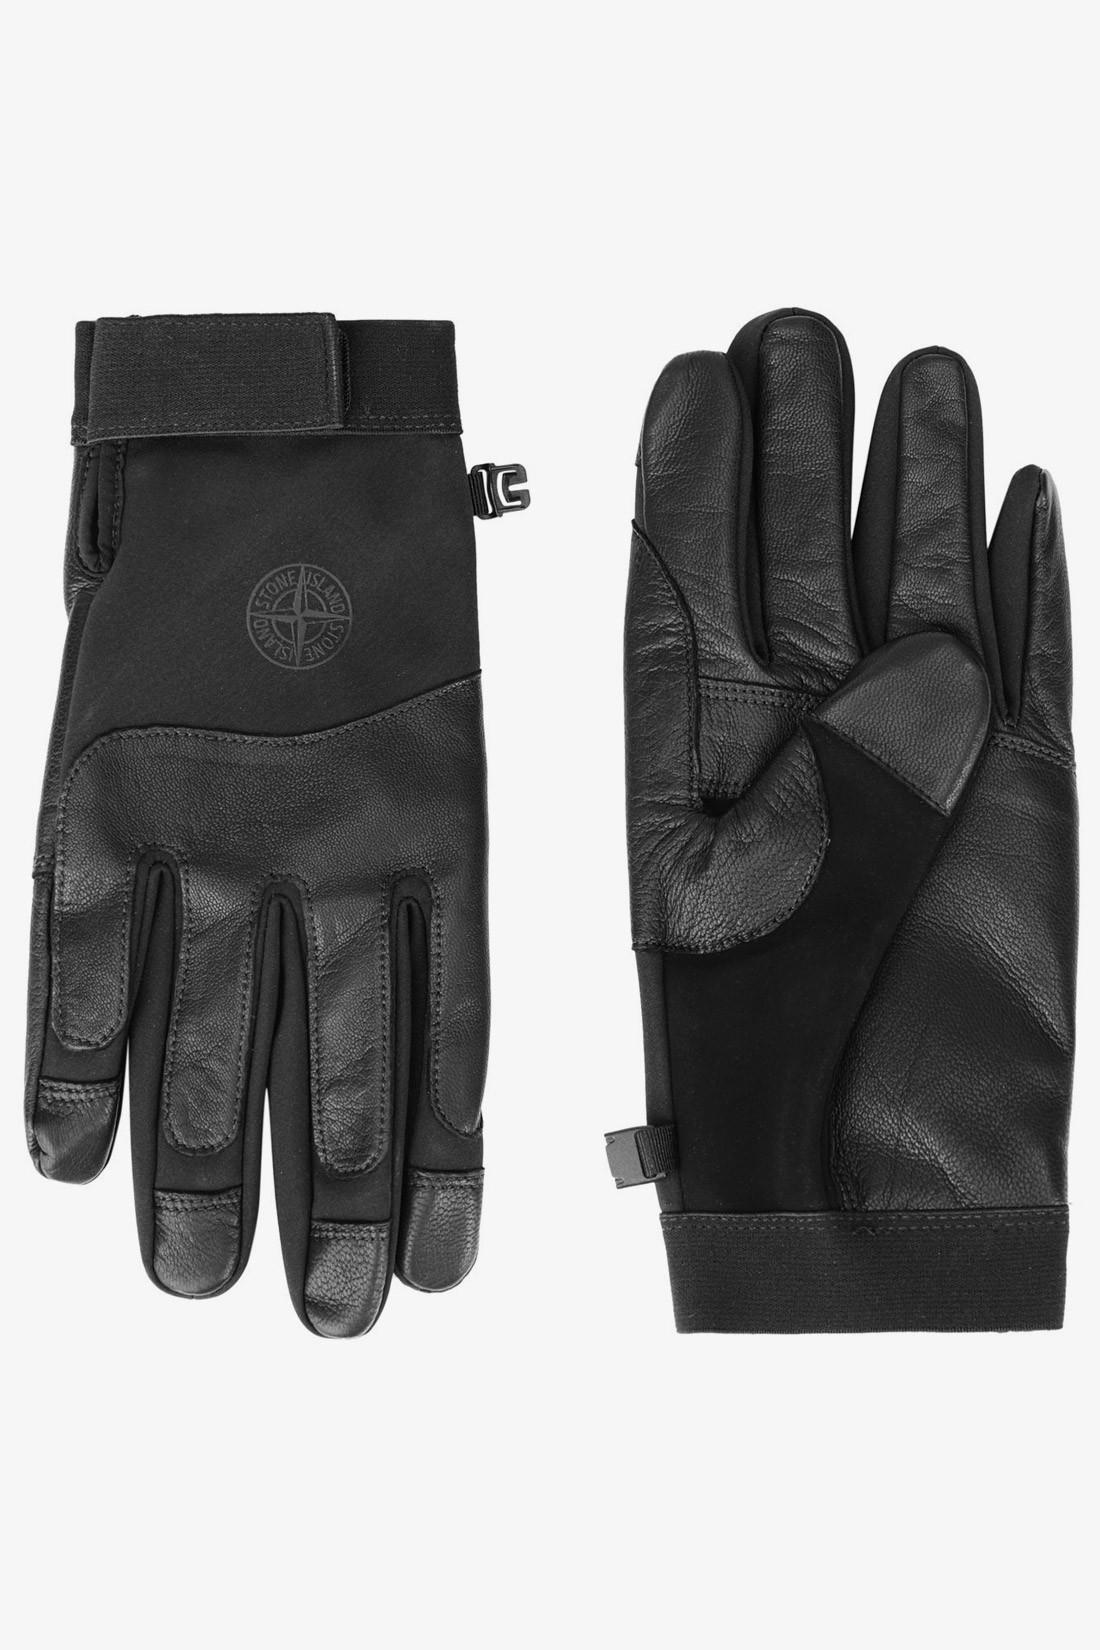 STONE ISLAND / 92174 gloves soft shell-r V0029 nero